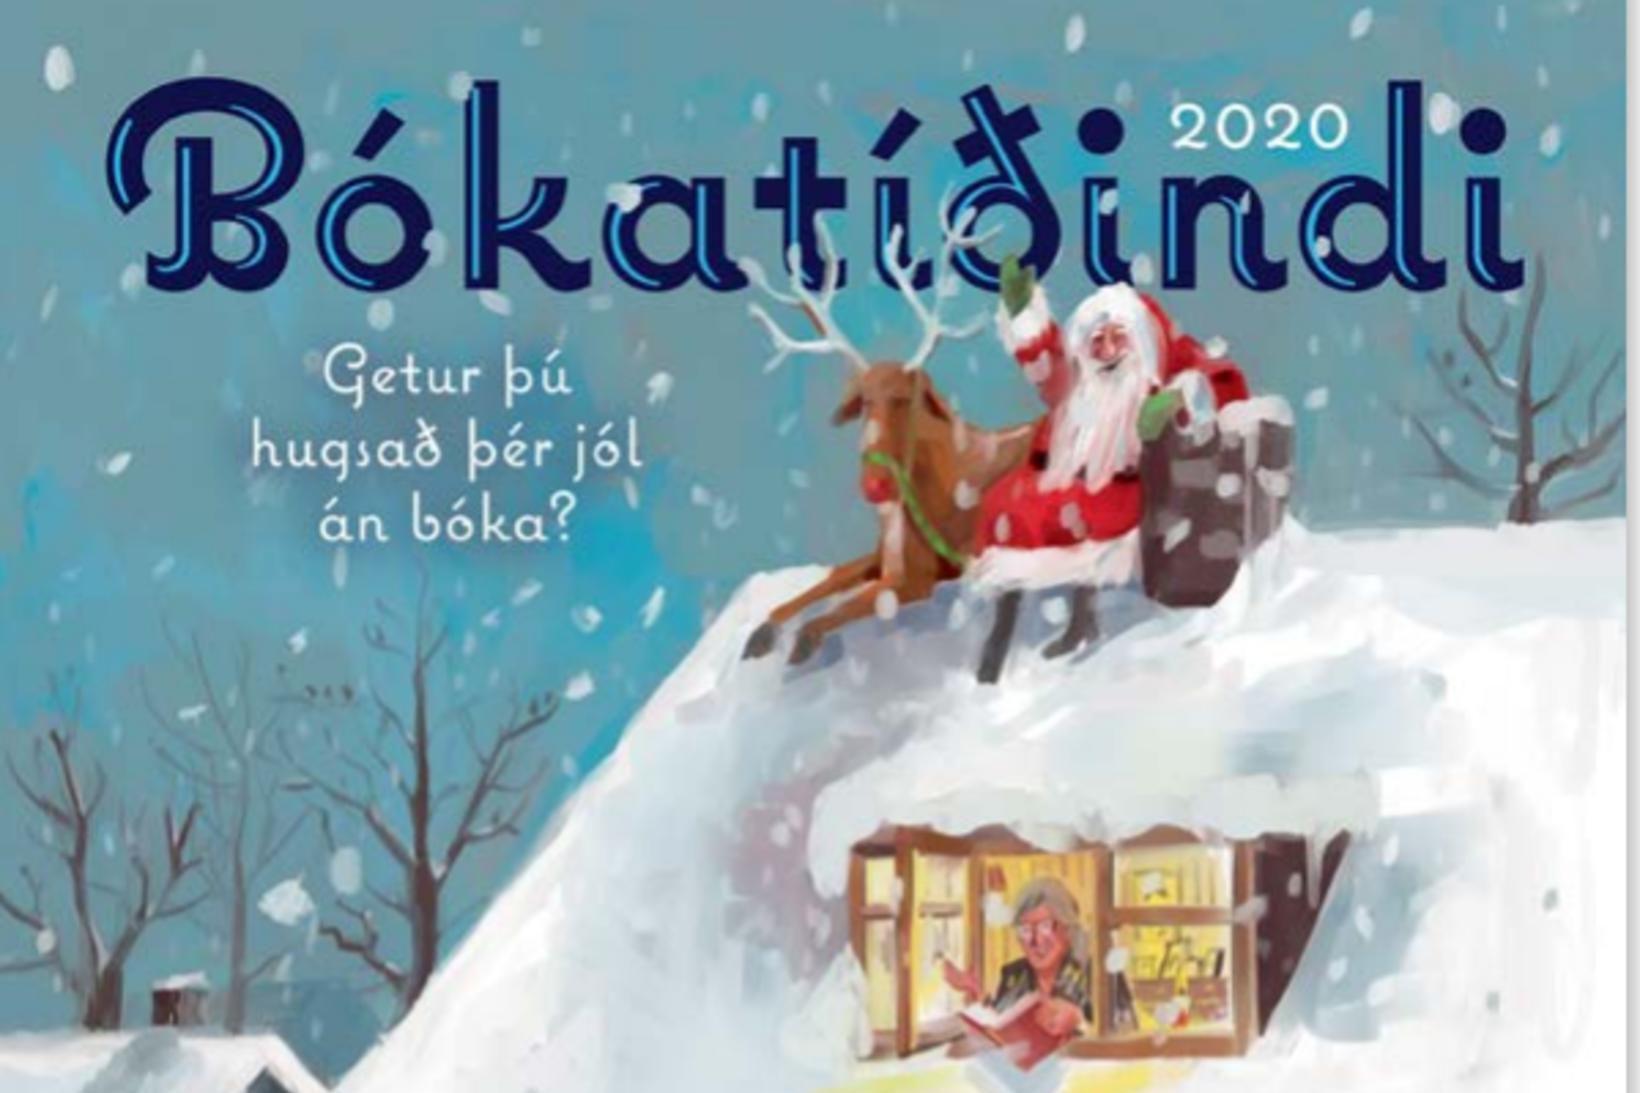 Forsíða Bókatíðinda í ár prýðir mynd eftir Halldór Baldursson og …